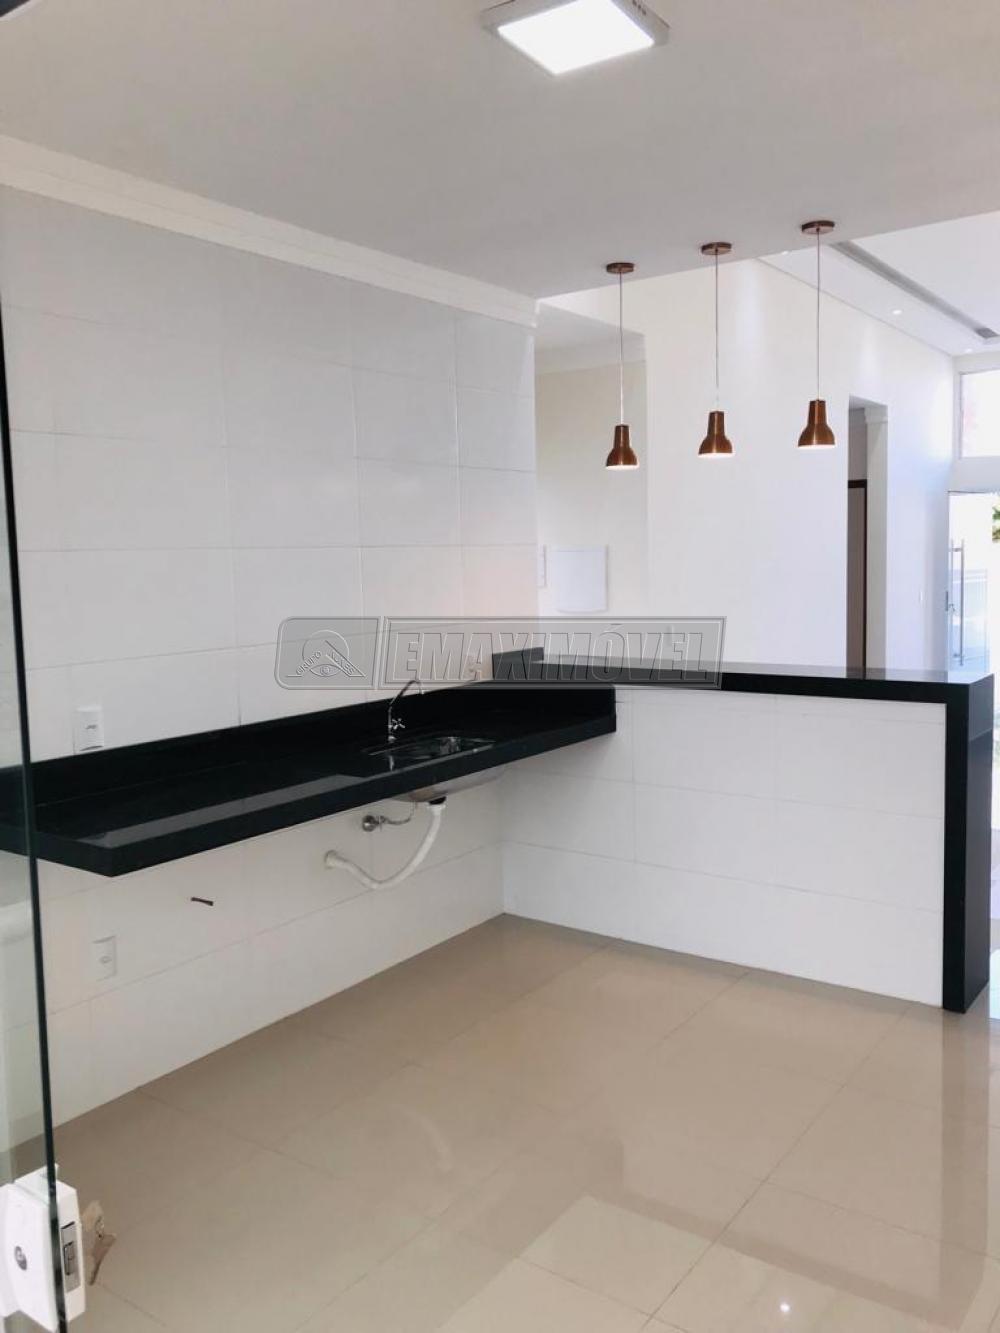 Comprar Casas / em Condomínios em Sorocaba apenas R$ 370.000,00 - Foto 10